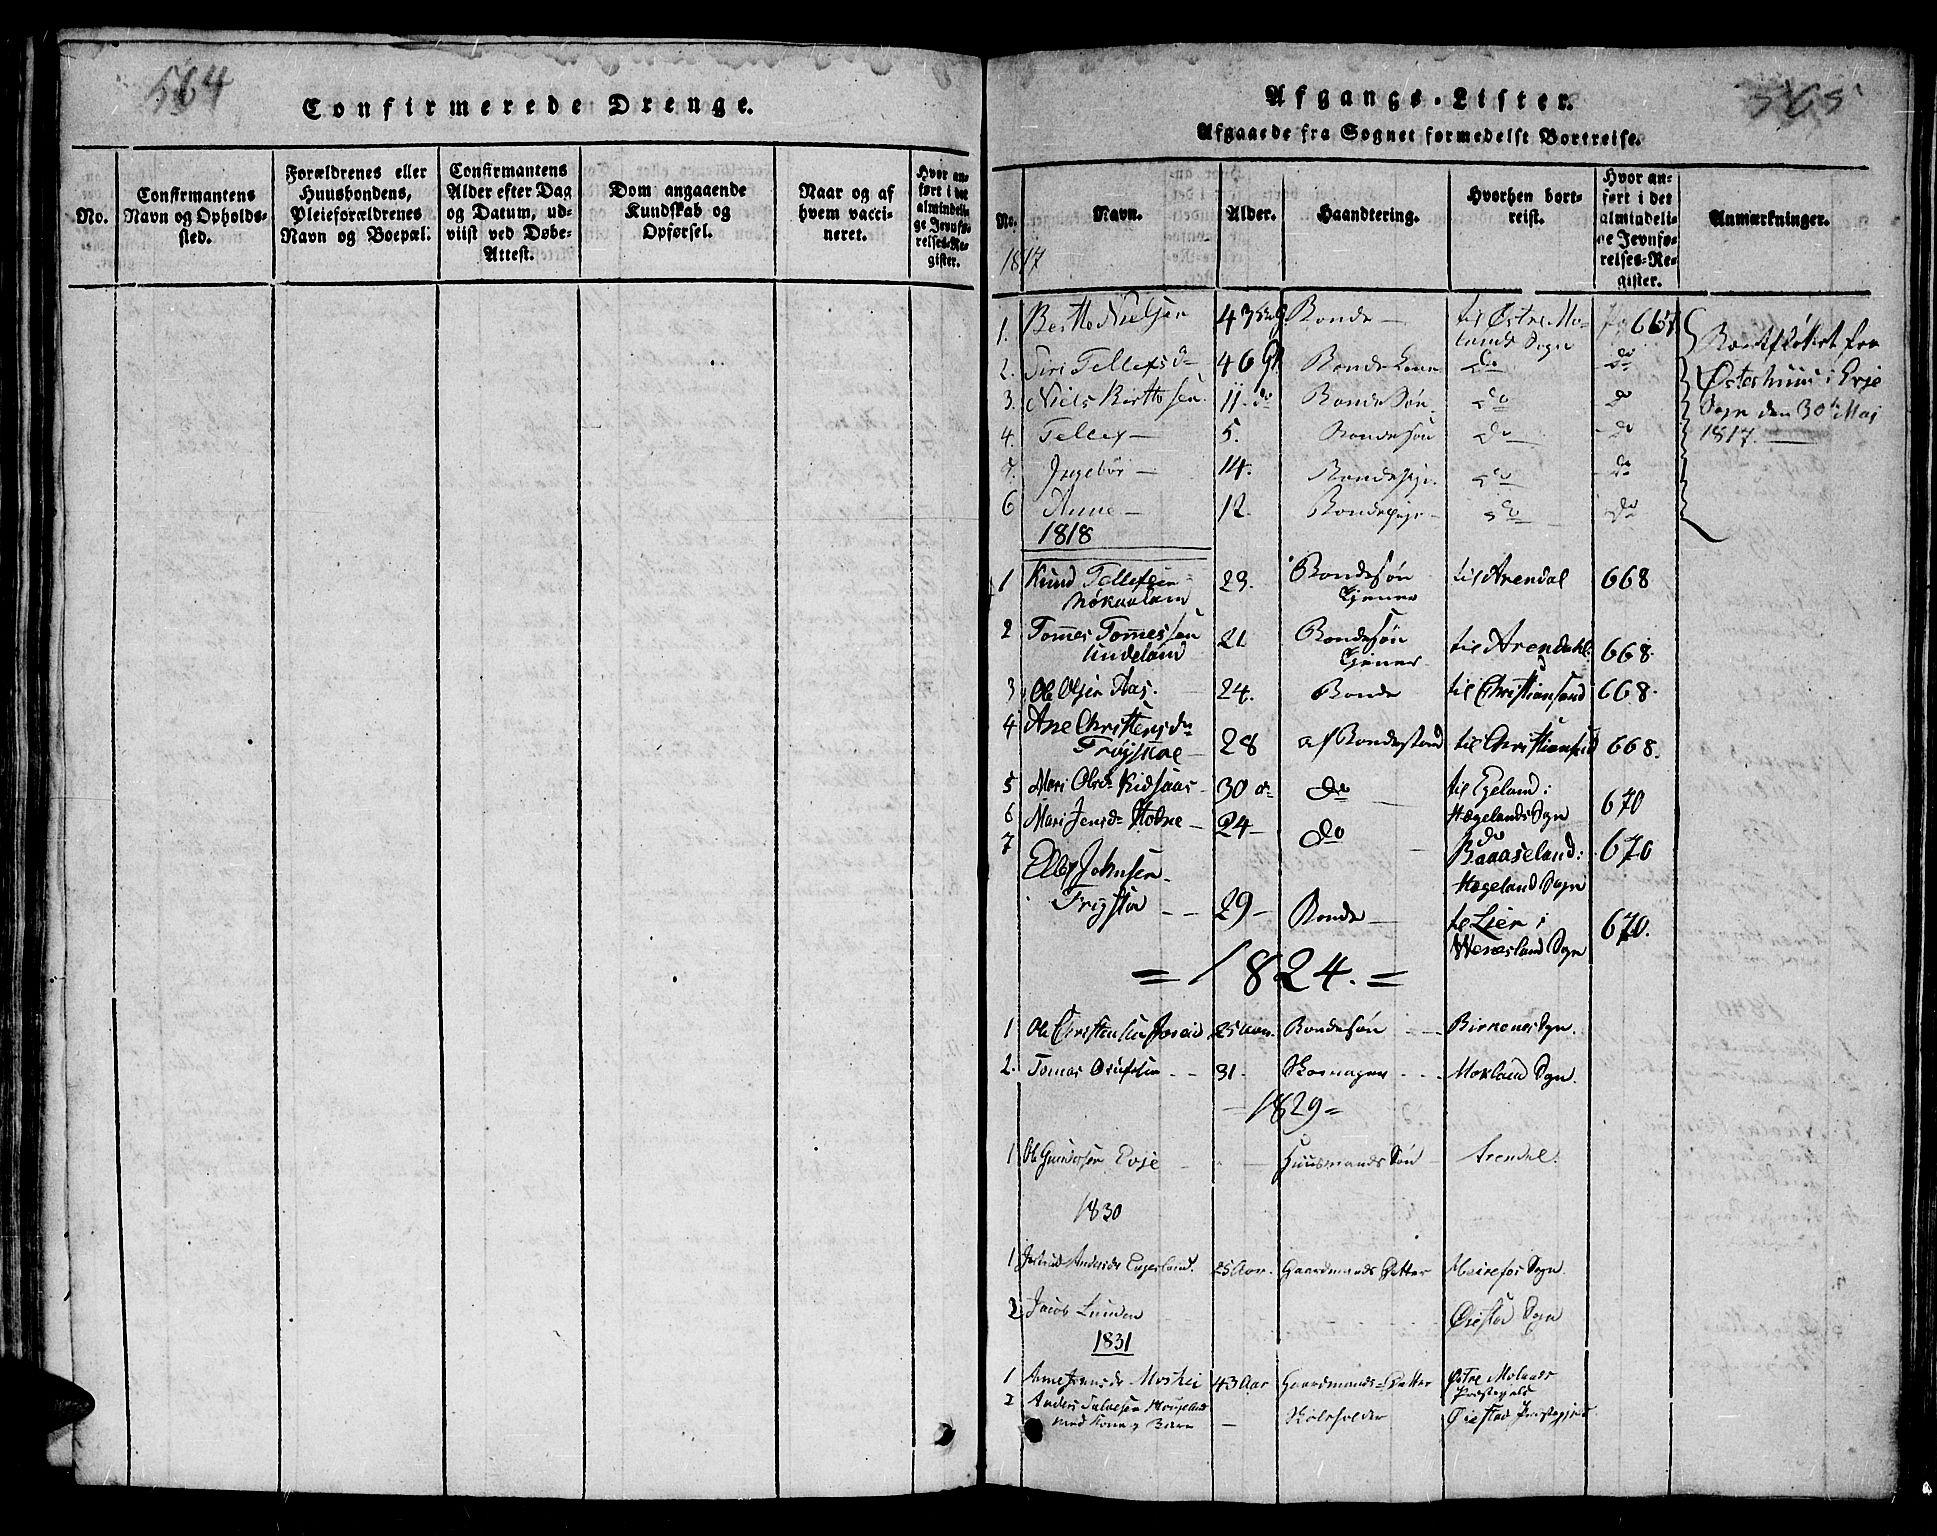 SAK, Evje sokneprestkontor, F/Fb/Fba/L0001: Klokkerbok nr. B 1, 1816-1842, s. 564-565